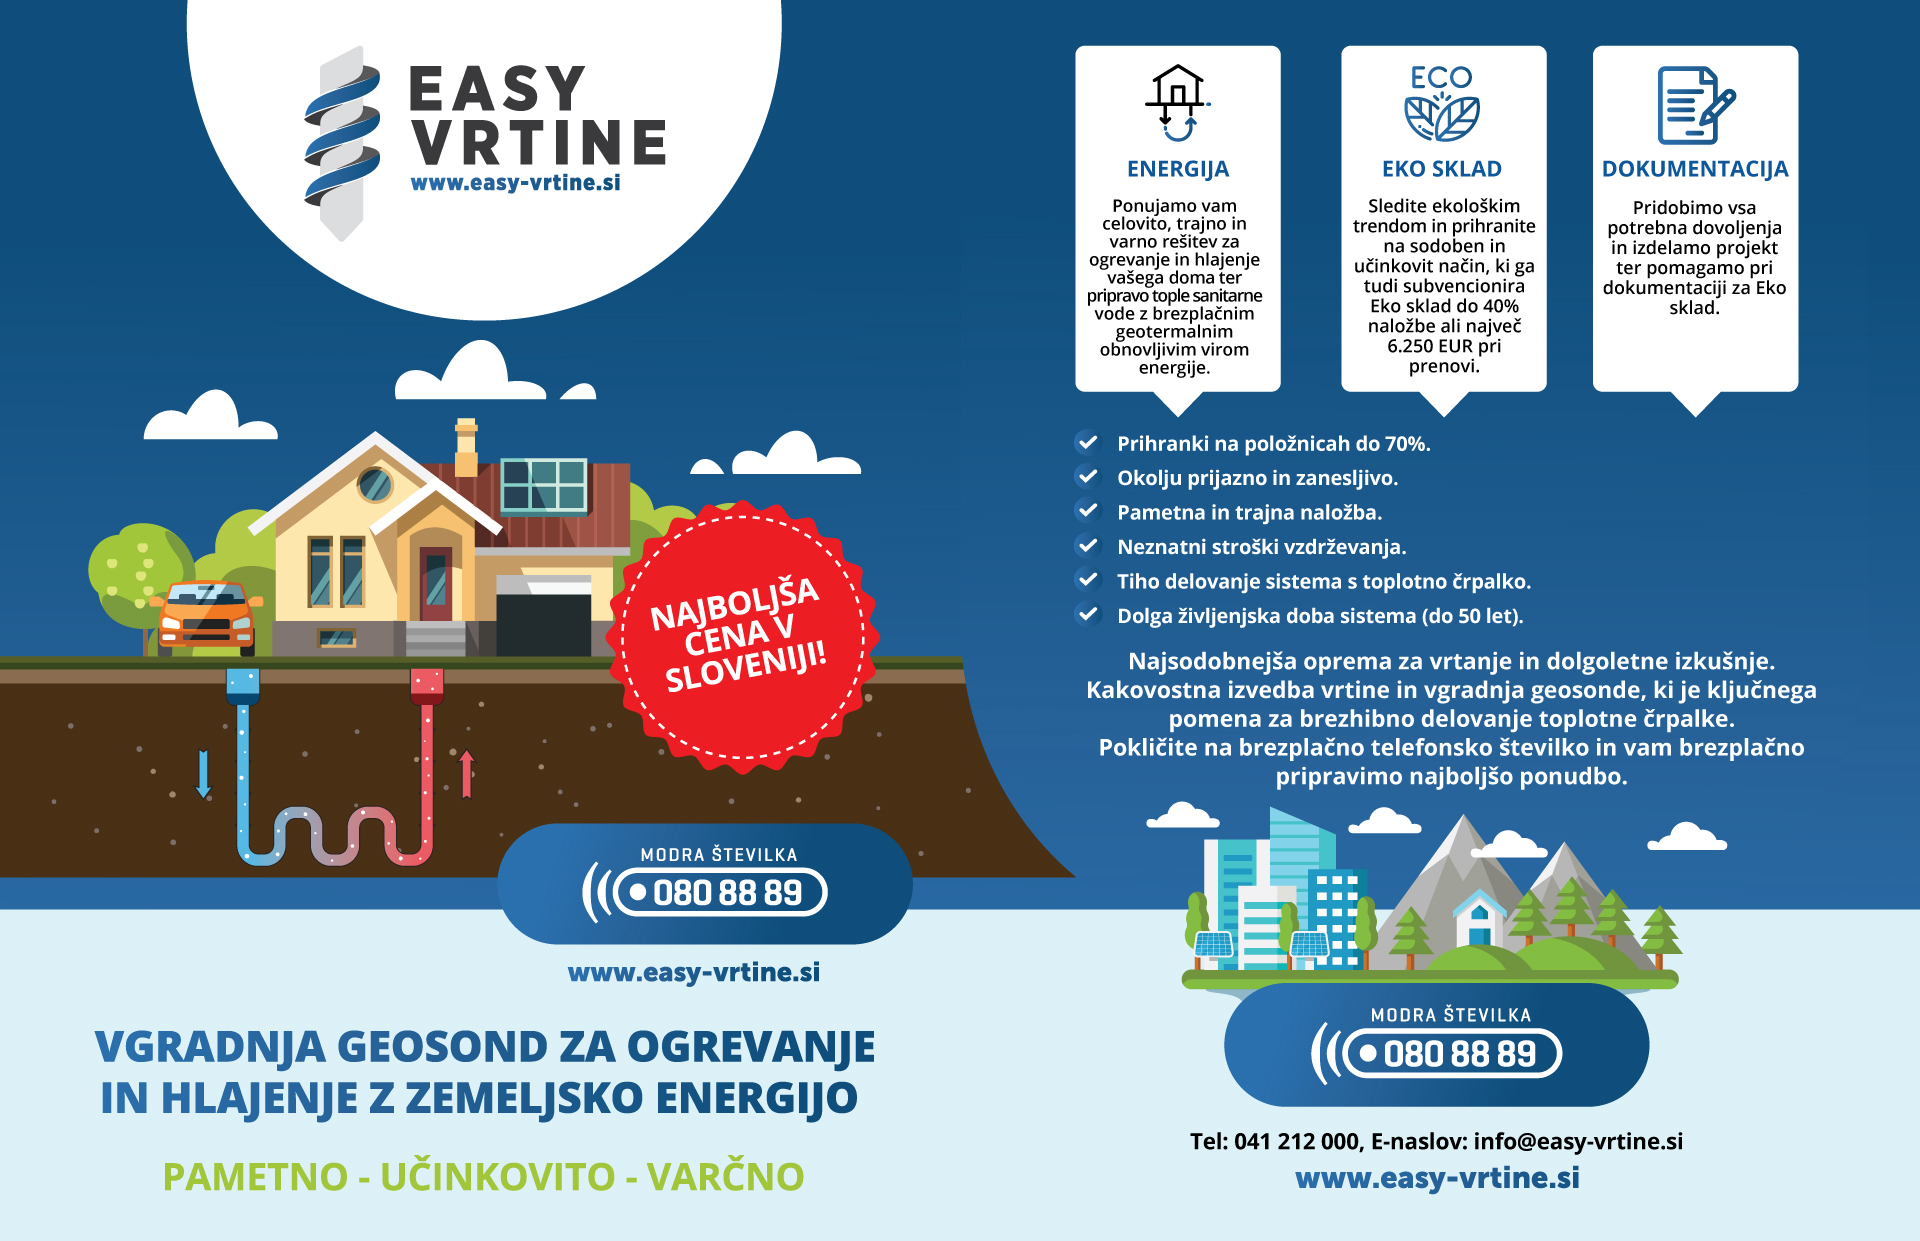 Easy_vrtine_letak.jpg